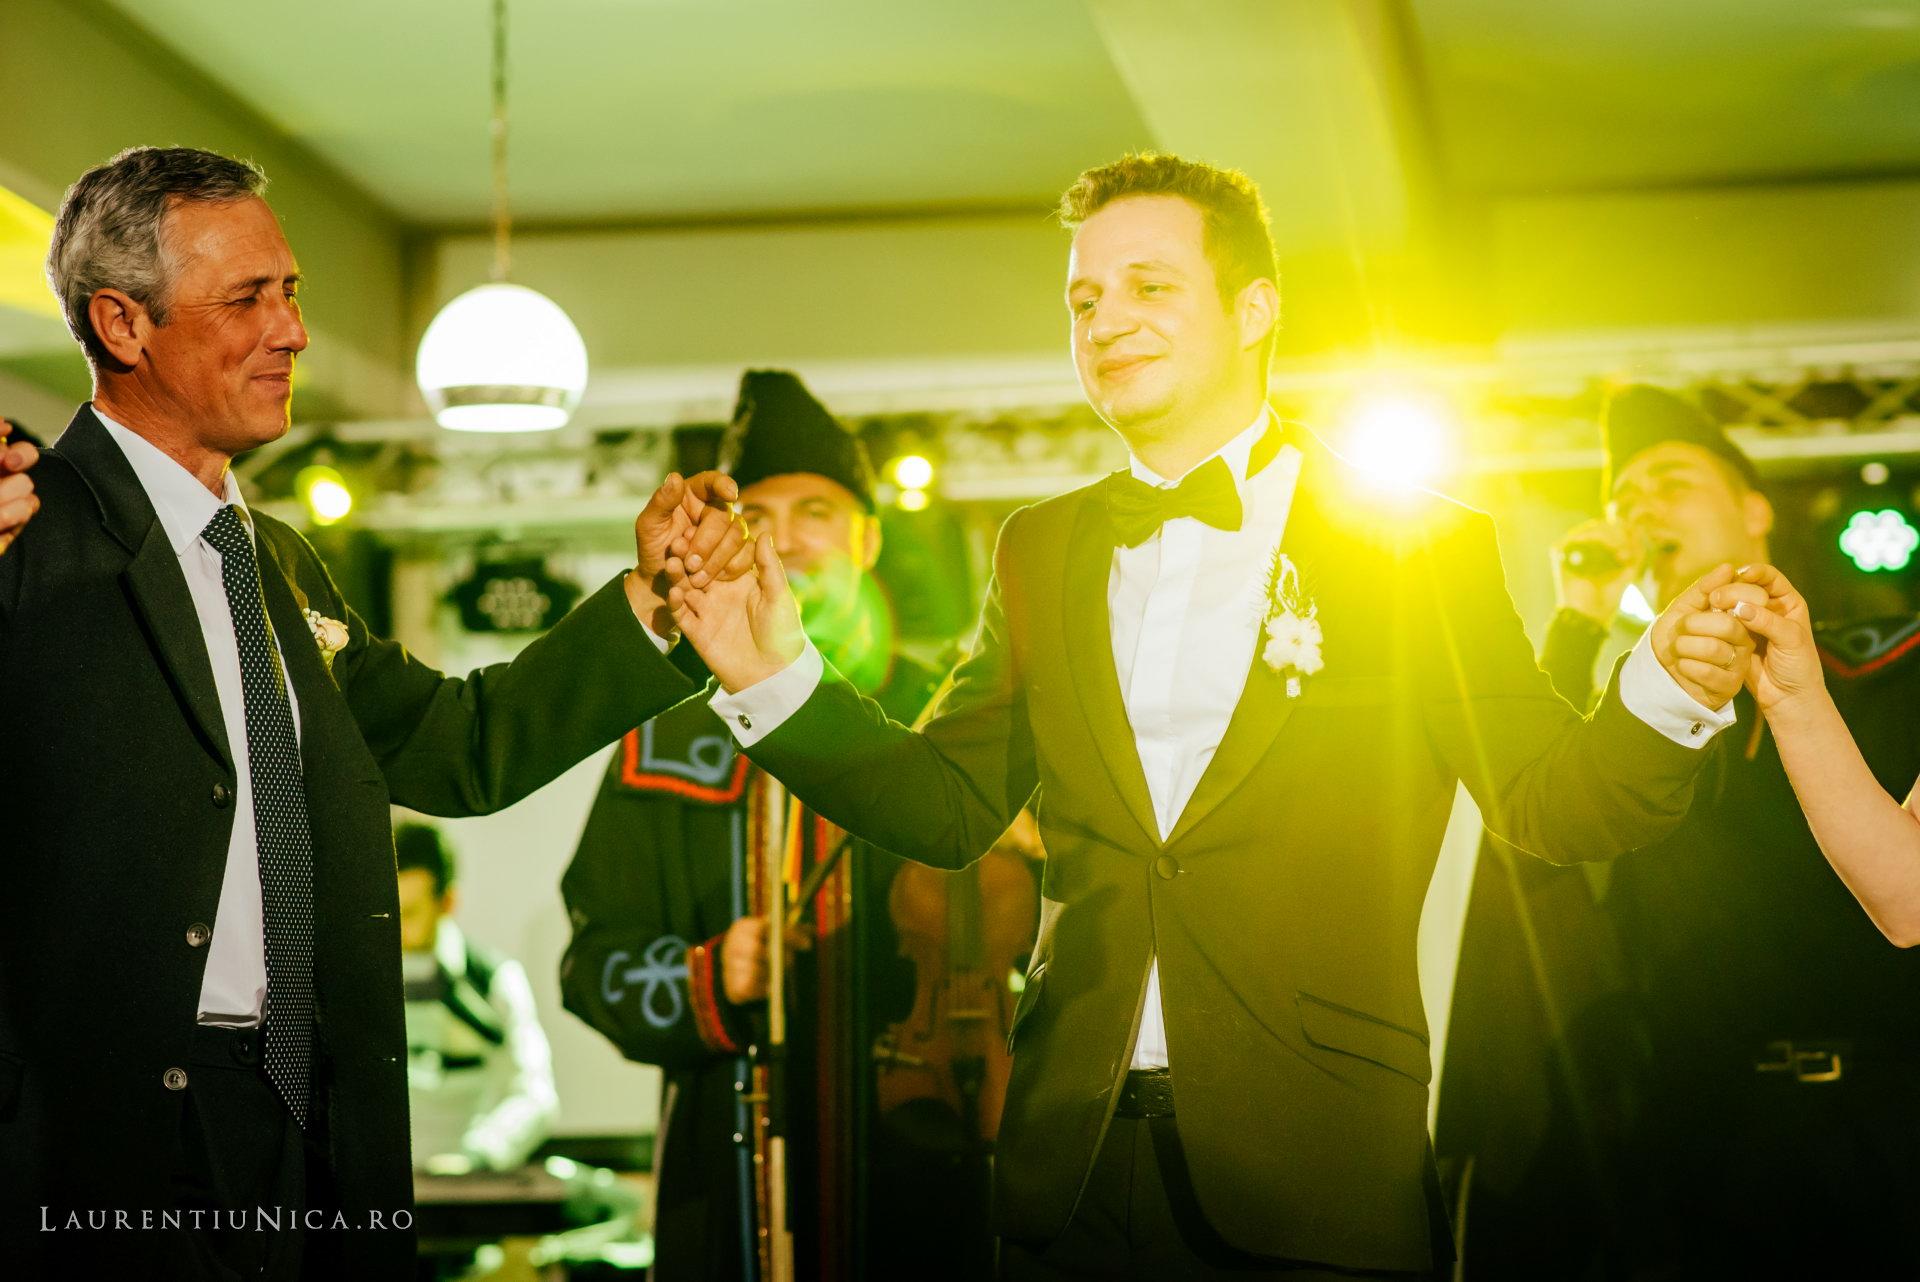 daniela si marius fotografii nunta craiova laurentiu nica67 - Daniela & Marius | Fotografii nunta